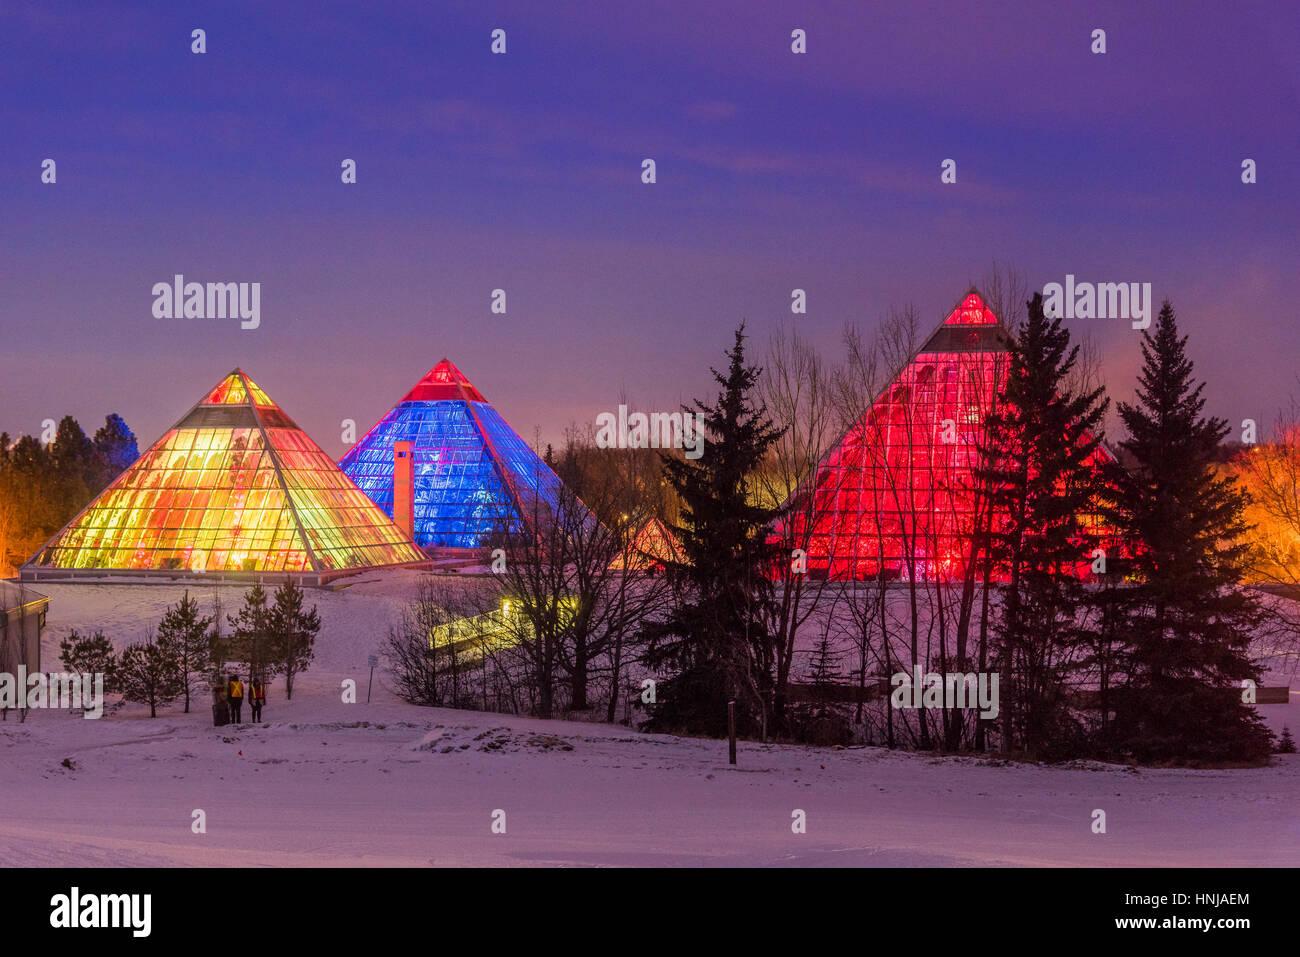 Beleuchtete Muttart Conservatory Pyramiden, einen botanischen Garten in Edmonton, Alberta, Kanada Stockbild